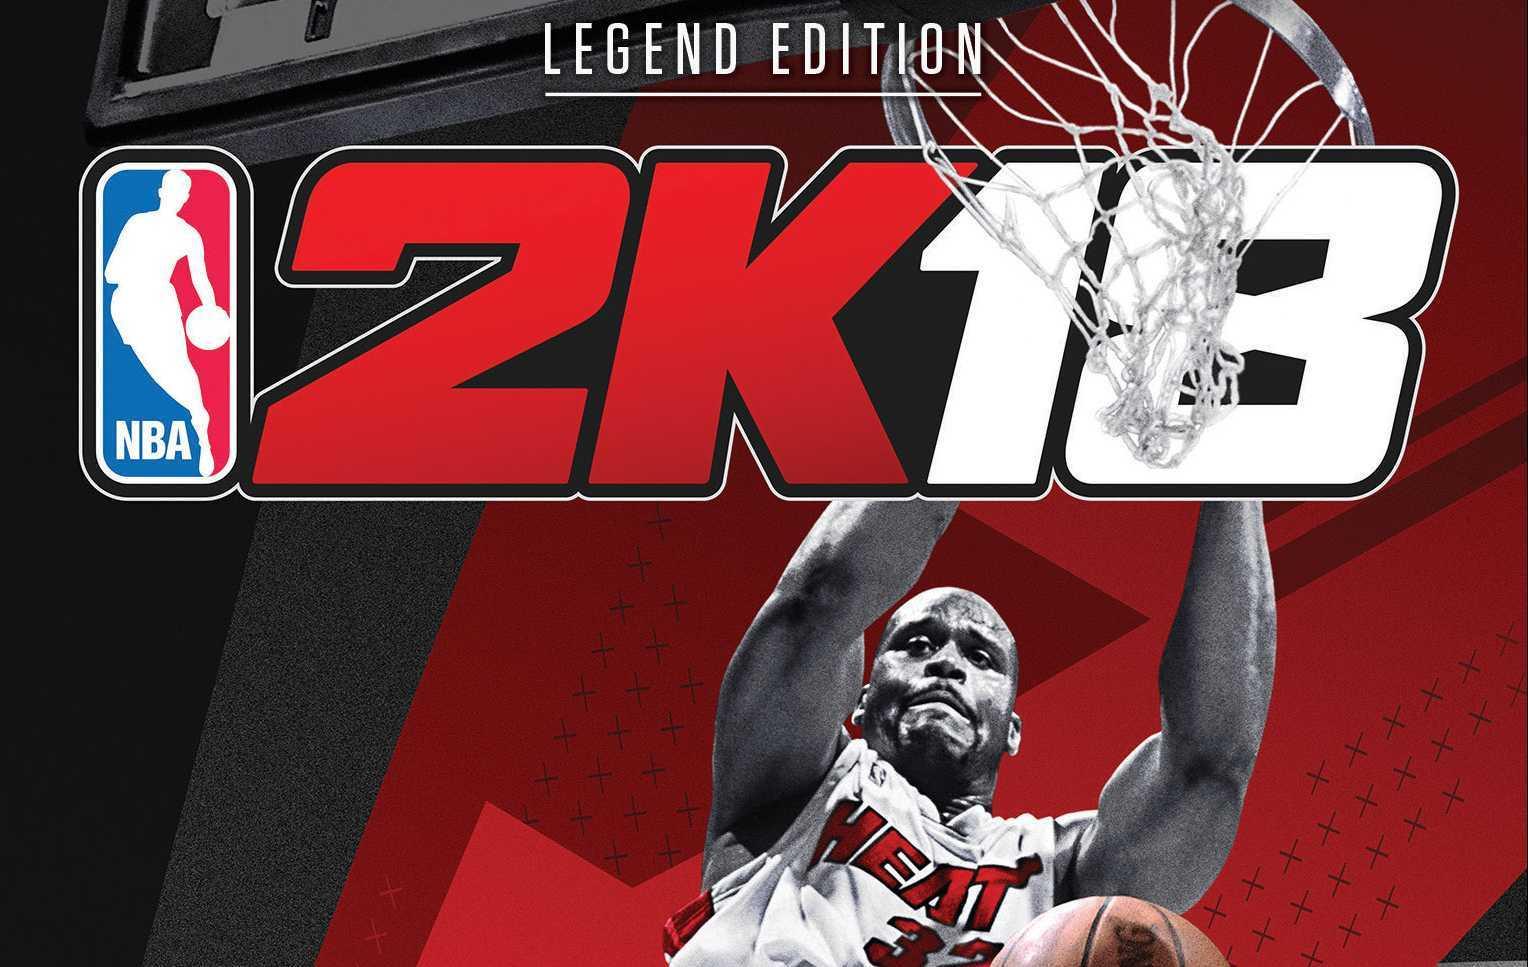 Image courtesy of 2K Sports/NBA.